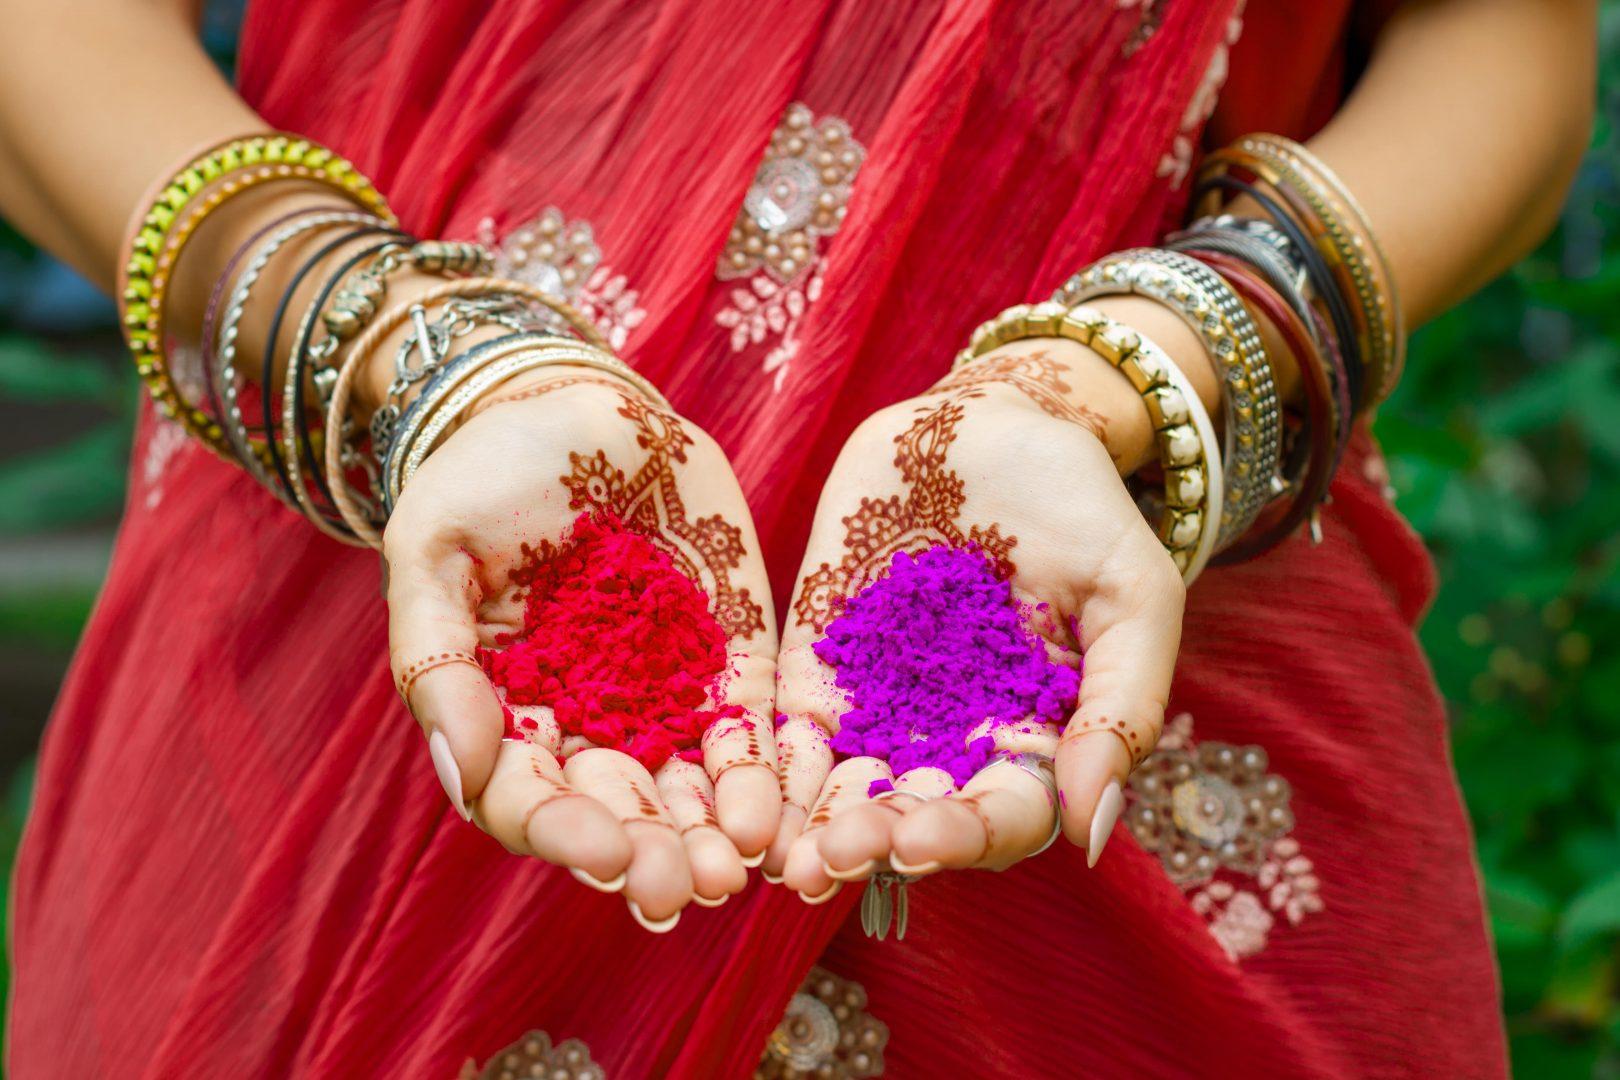 viajar-para-a-india-e-ir-ao-encontro-de-uma-cultura-plural-e-encantadora